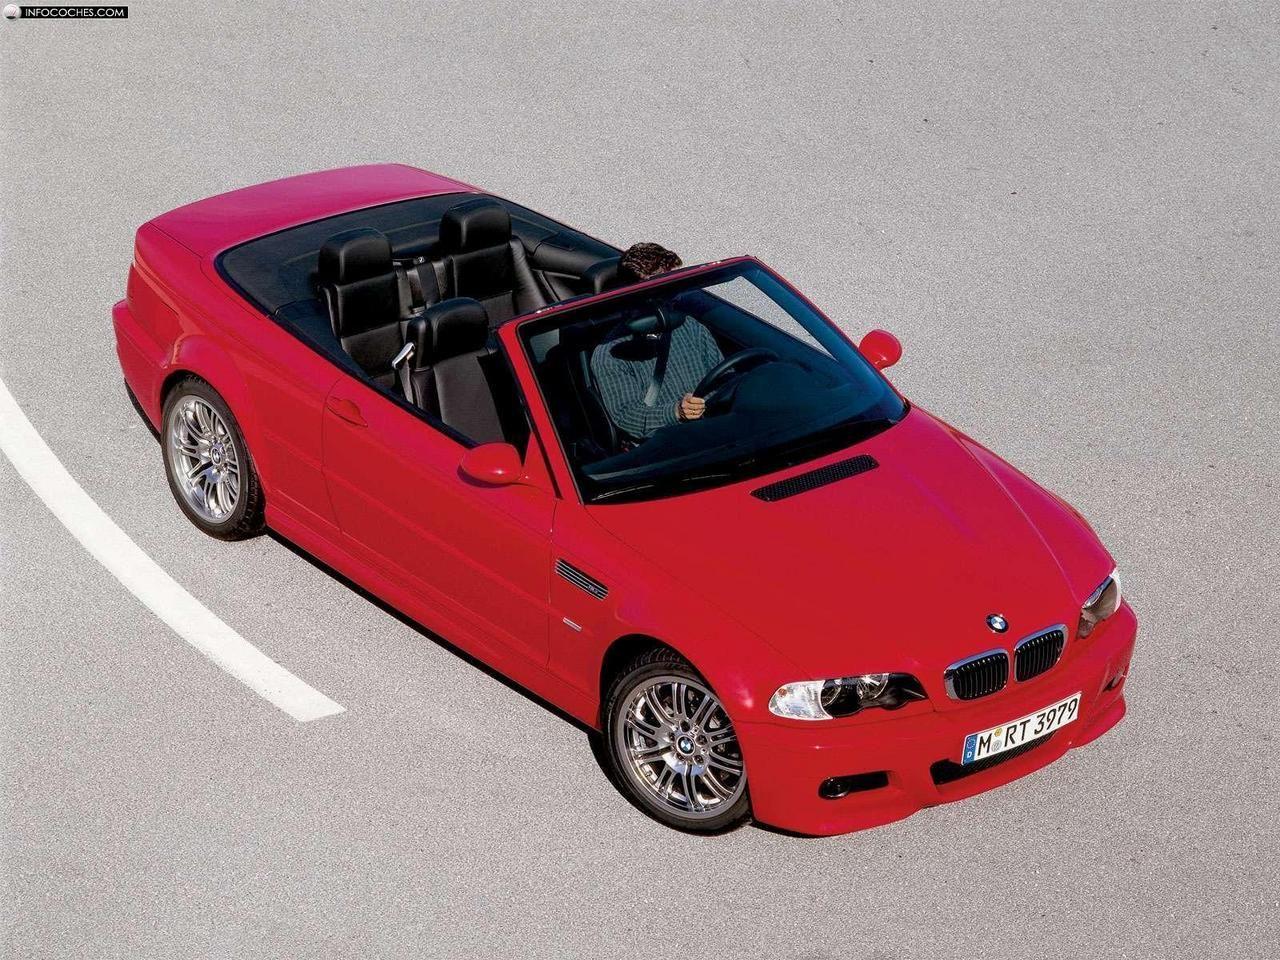 Fotos del BMW M3 Convertible - 10 / 15 | Bimmer convertible e46 ...